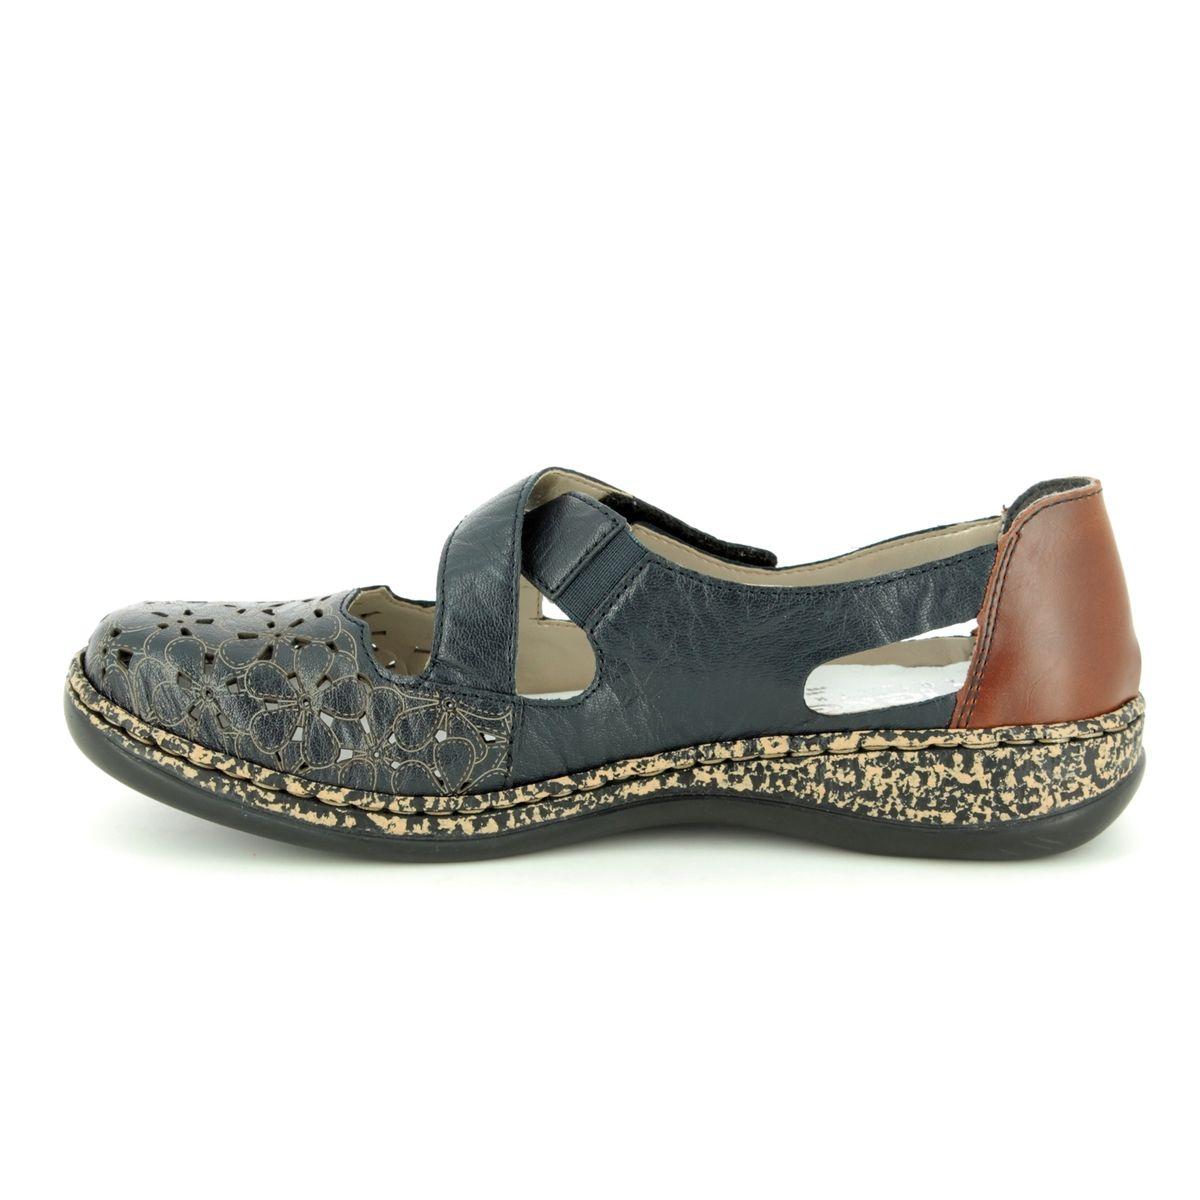 Rieker women slip on shoe blue 463H4 14